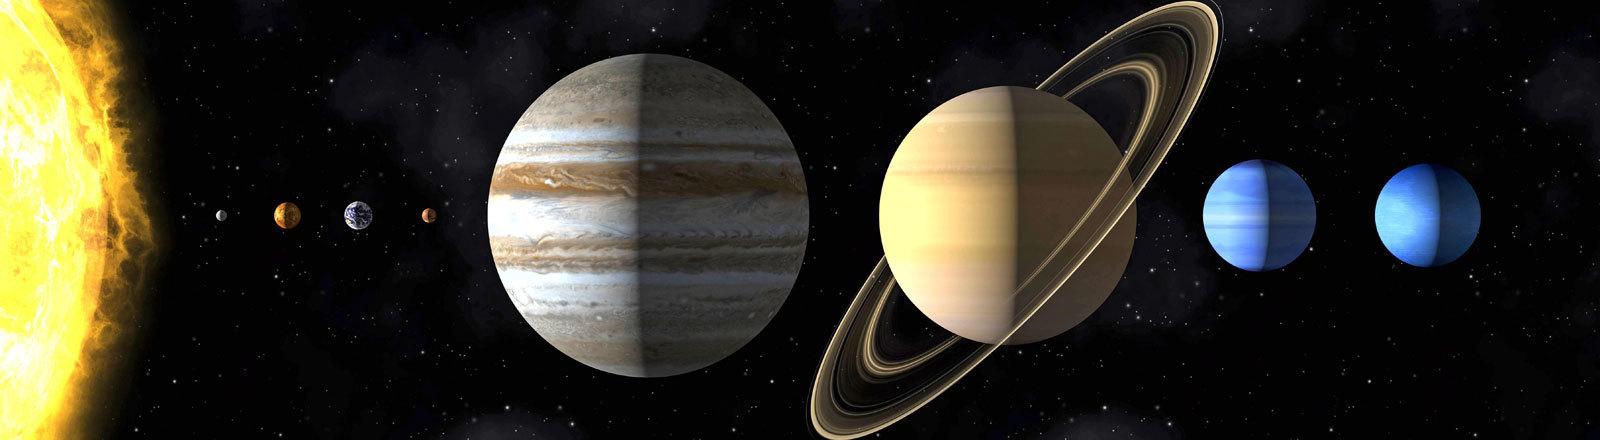 Unser Sonnensystem mit Merkur, Venus, der Erde, Mars, Jupiter, Saturn, Uranus und Neptun.